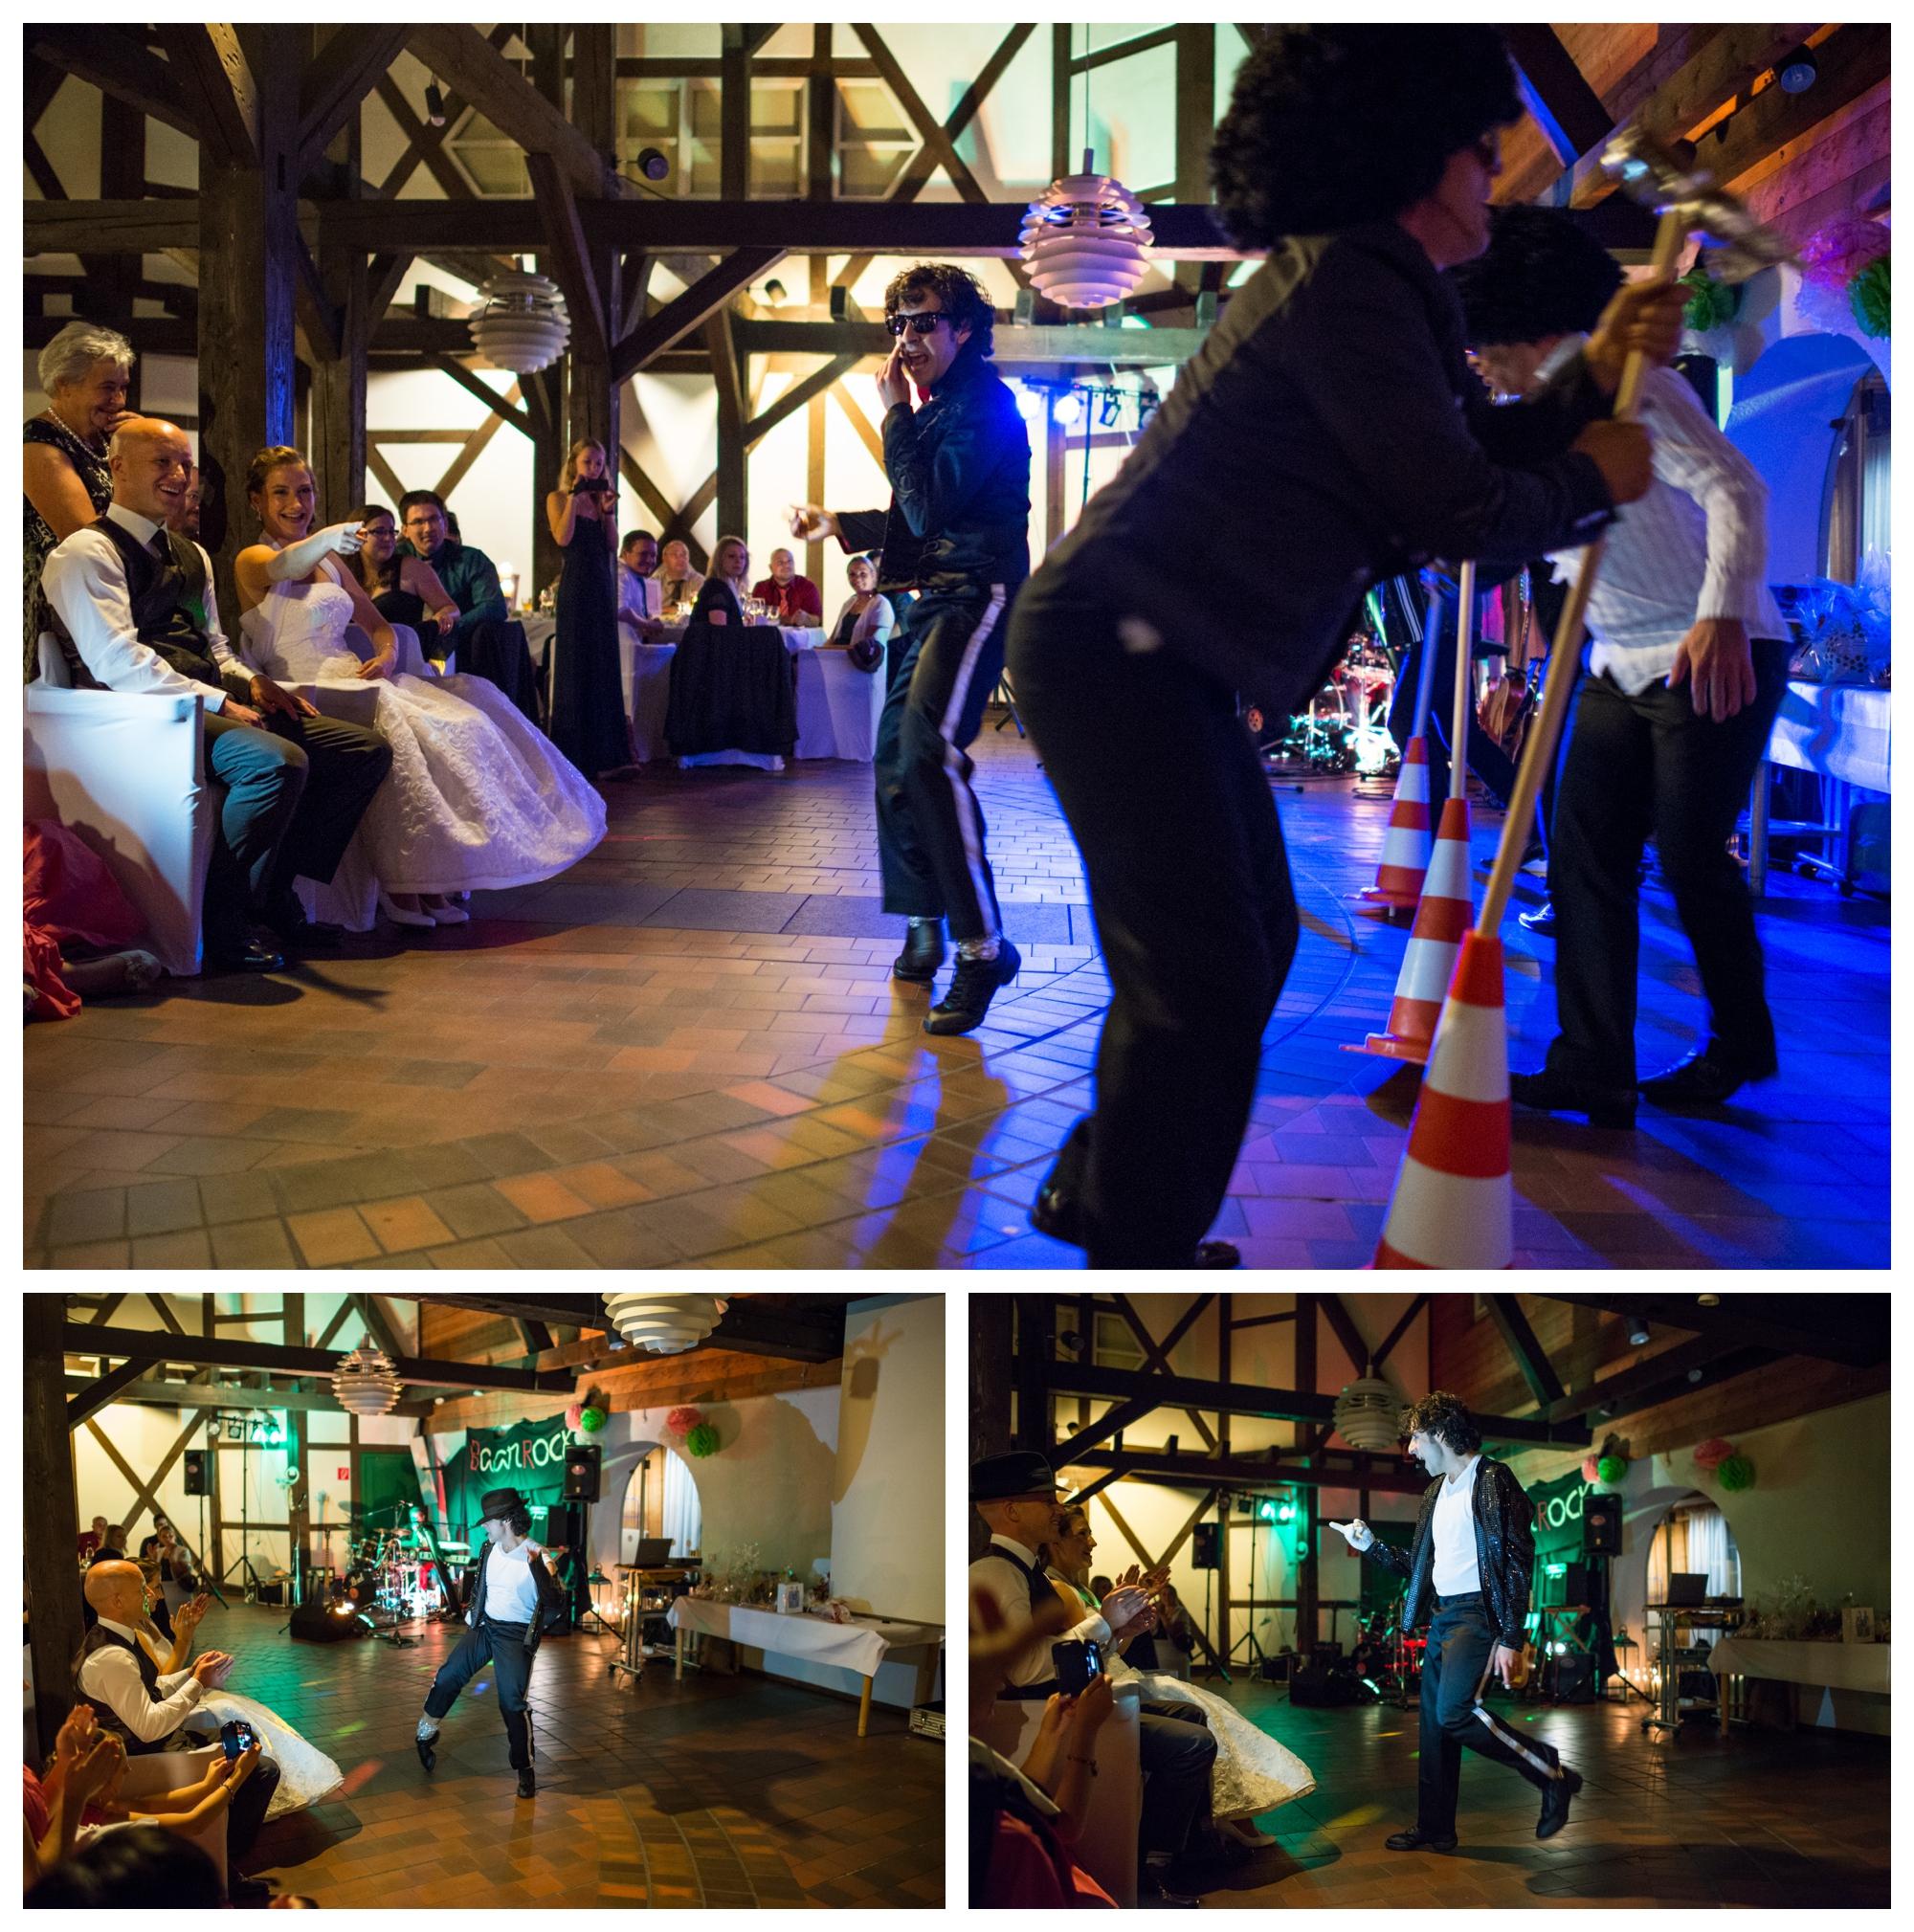 Fotograf Konstanz - Als Hochzeitsfotograf in Bad Dürrheim unterwegs  - 57 -